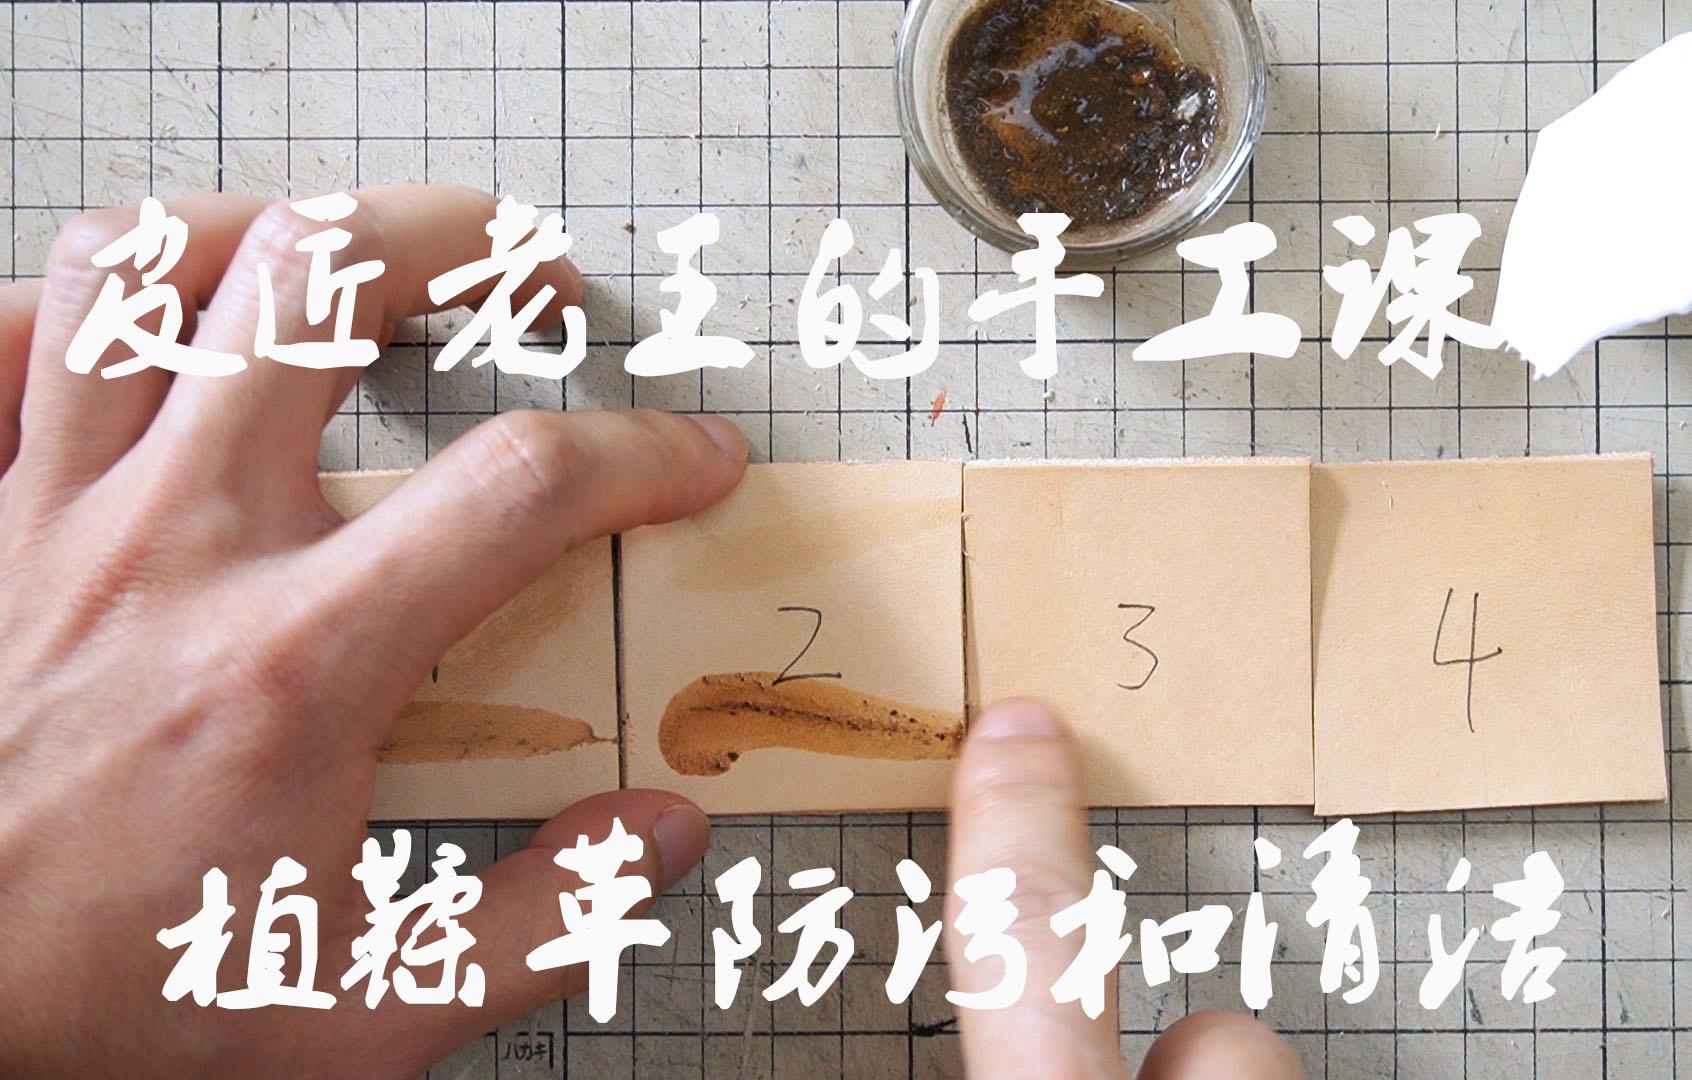 皮匠老王的手工课 原色植鞣革防染防污防脏的三种方法以及脏了后如何清洁